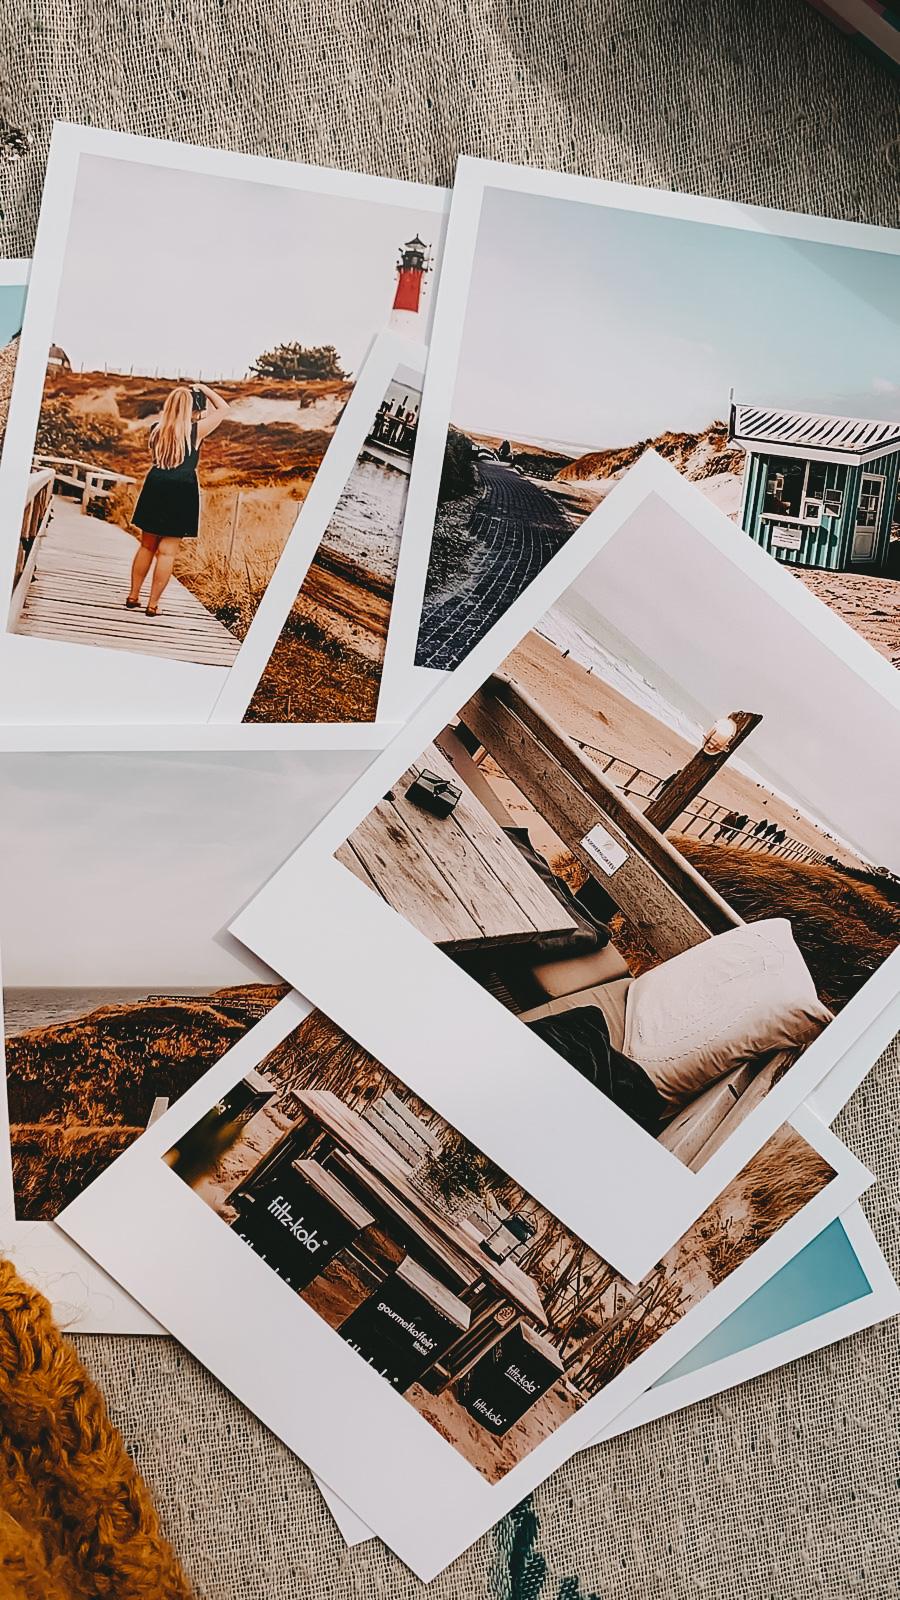 Sylt für Zuhause: 4 schöne Foto-DIYs mit deinen Inselbildern: Polaroids